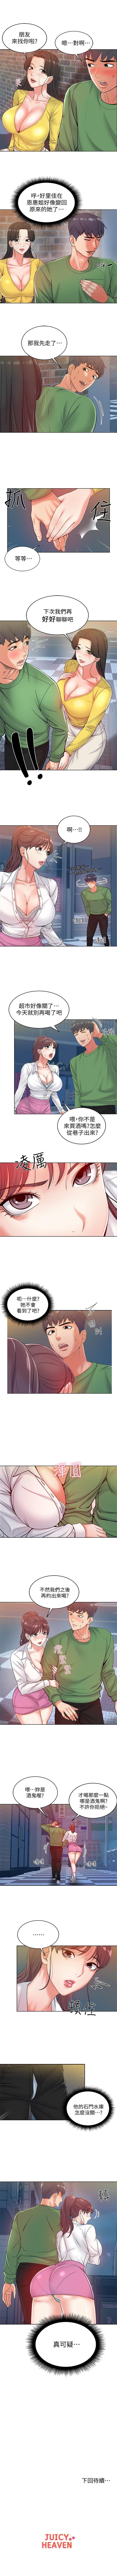 (週3)超市的漂亮姐姐 1-18 中文翻譯(更新中) 27